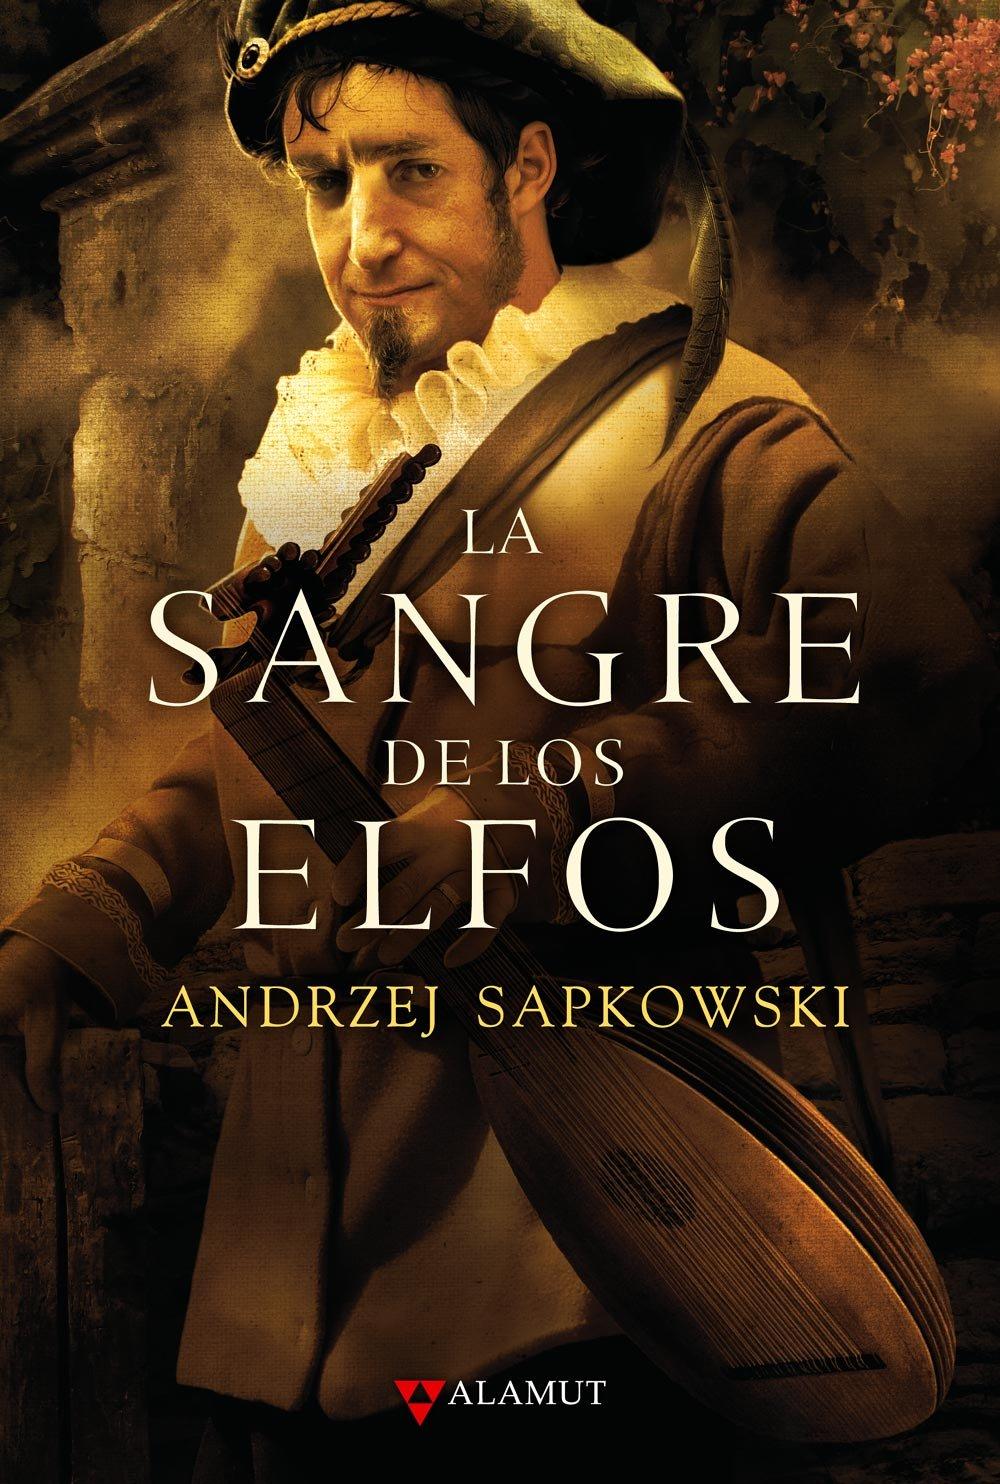 http://labibliotecadebella.blogspot.com.es/2016/12/la-sangre-de-los-elfos-andrzej-sapkowski.html